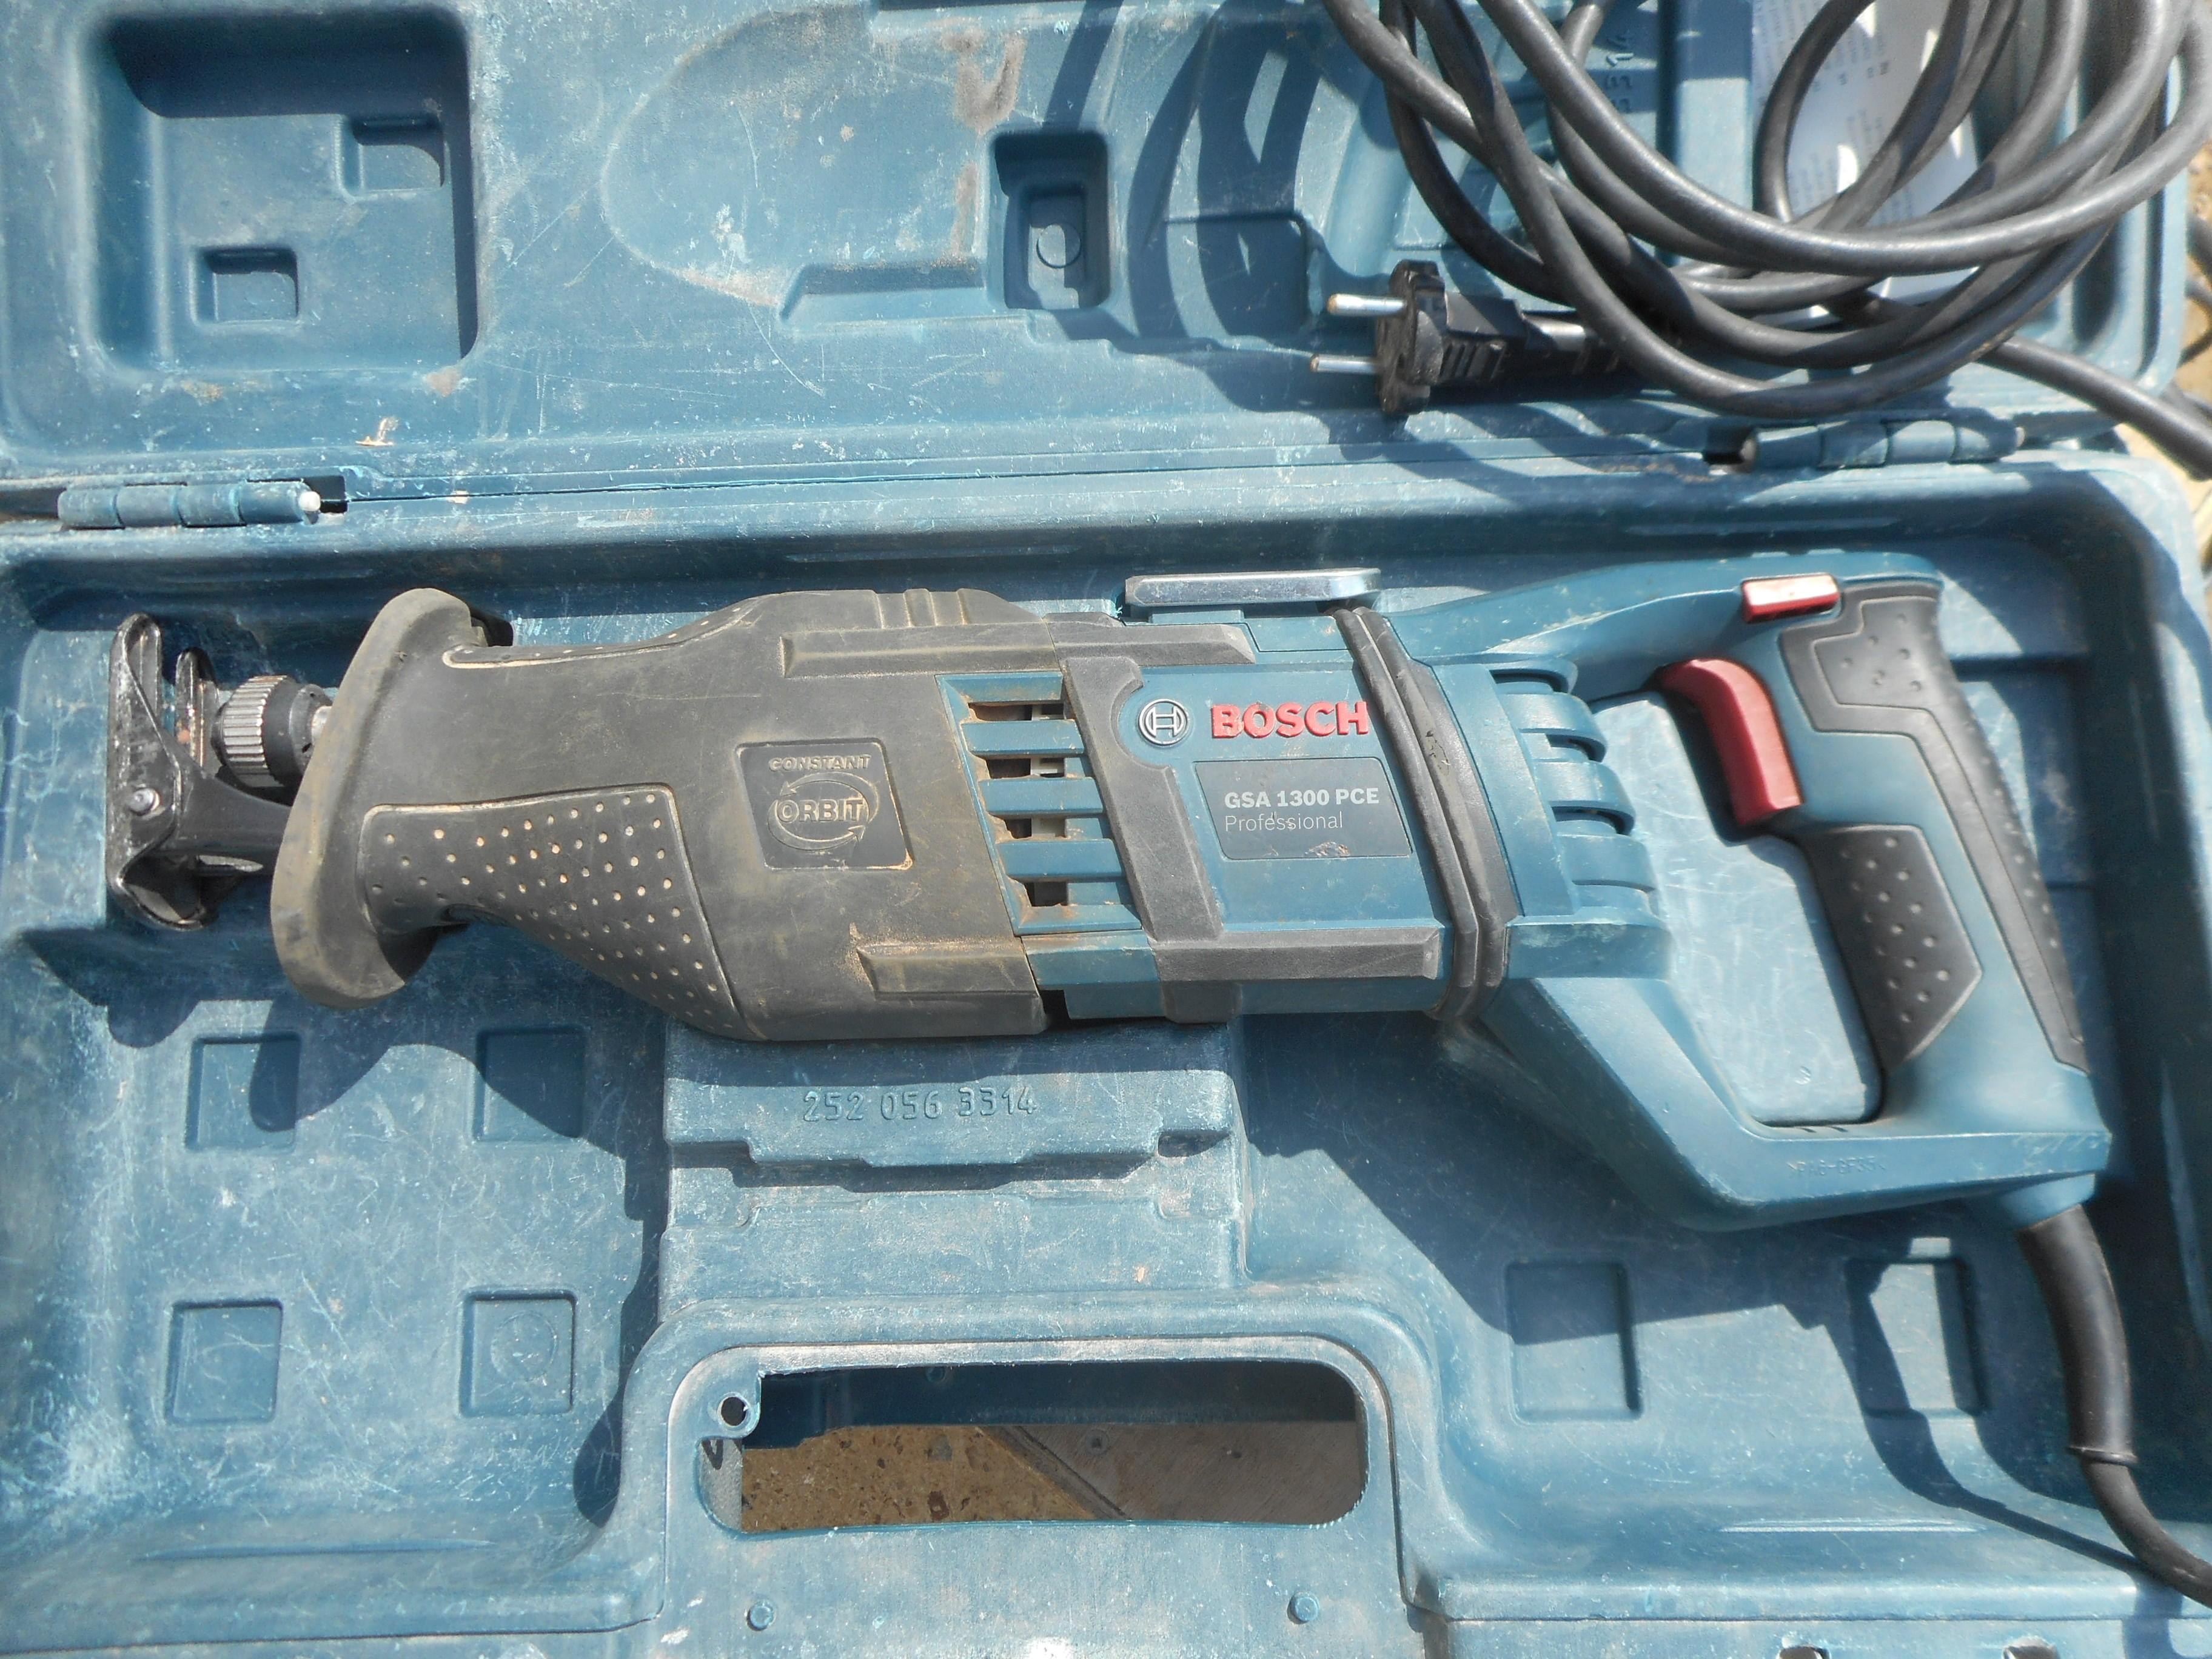 Bosch Gsa 1300 Pce Sabre Saw Daftar Harga Terbaru Dan Terlengkap Mesin 1300w Scie